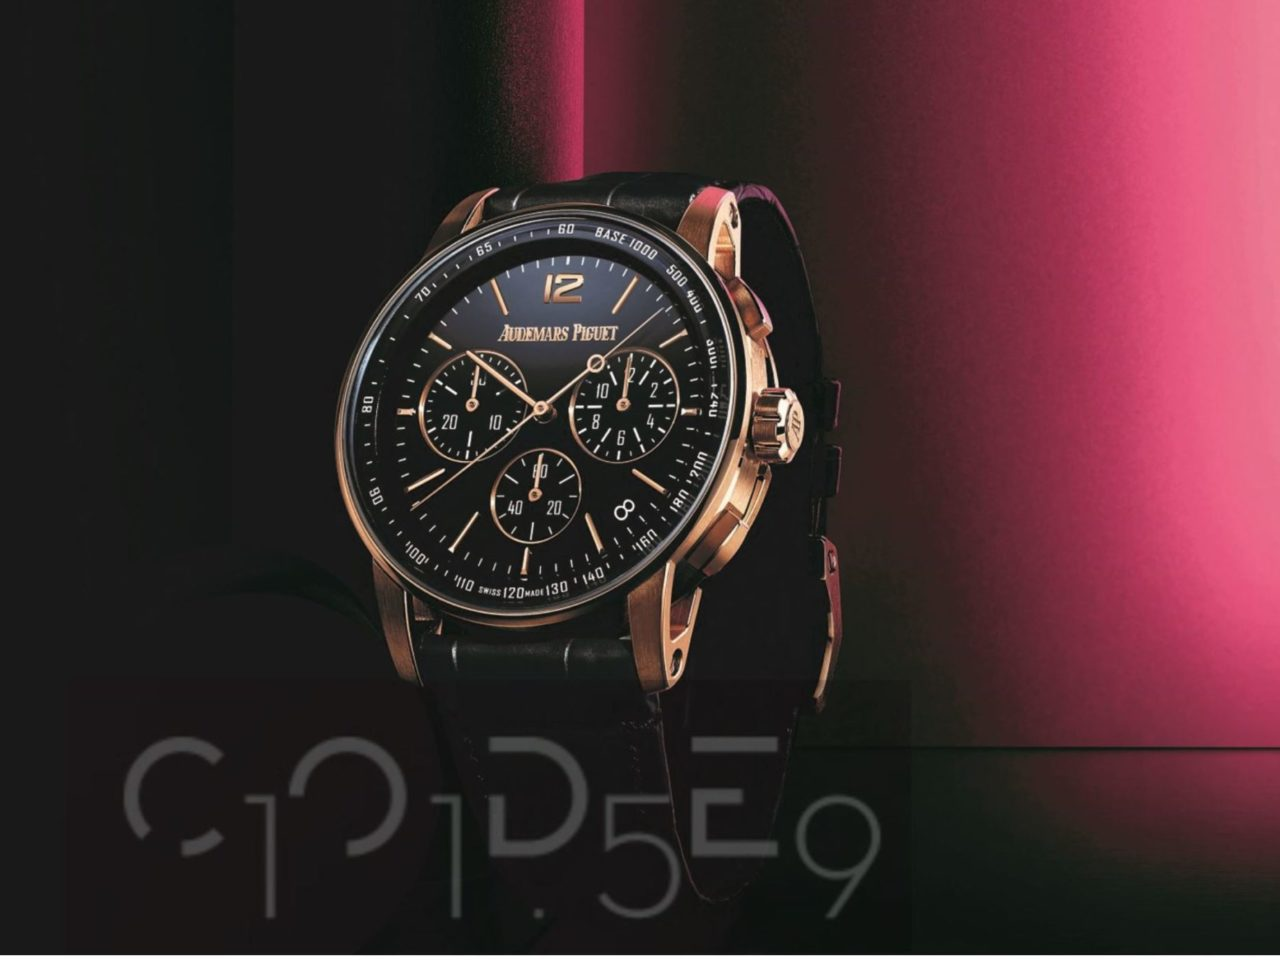 Das Design des Audemars Piguet Code 11.59 Chronographen polarisiert.